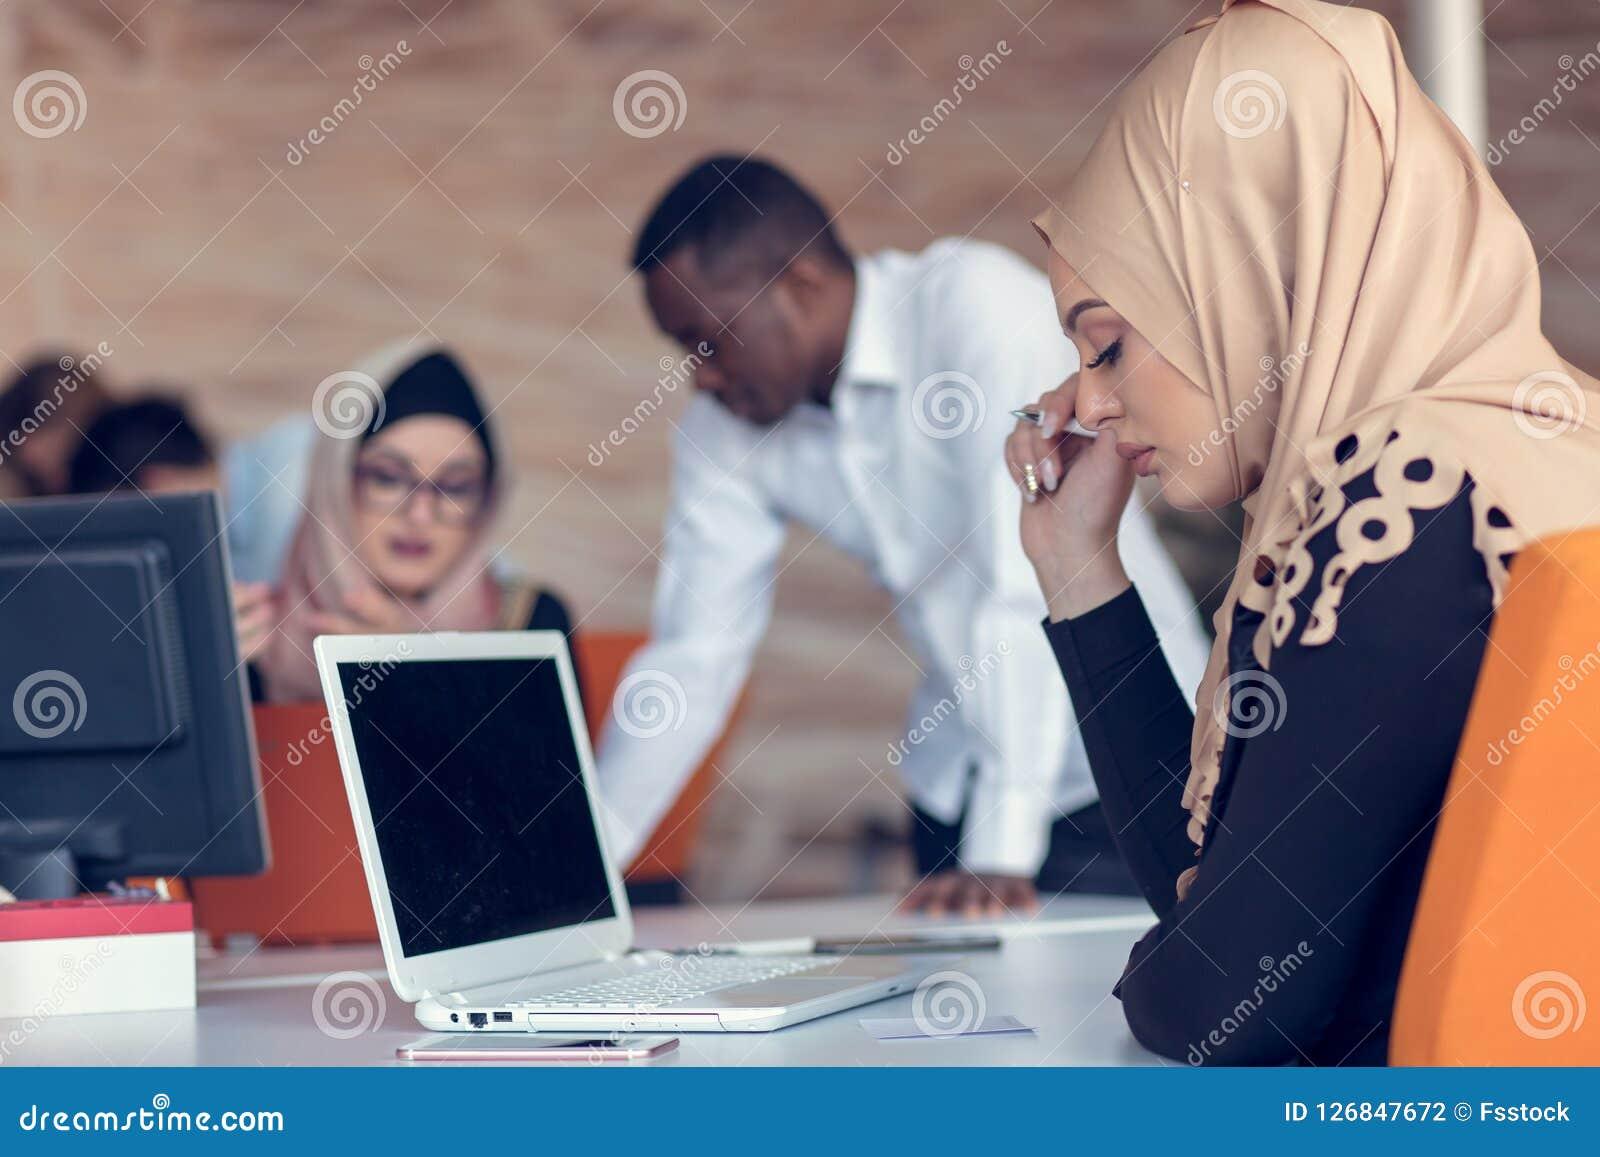 Startgeschäftsleute gruppieren arbeitenden täglichen Job im modernen Büro Technologiebüro, Technologiefirma, Technologiestart, Te